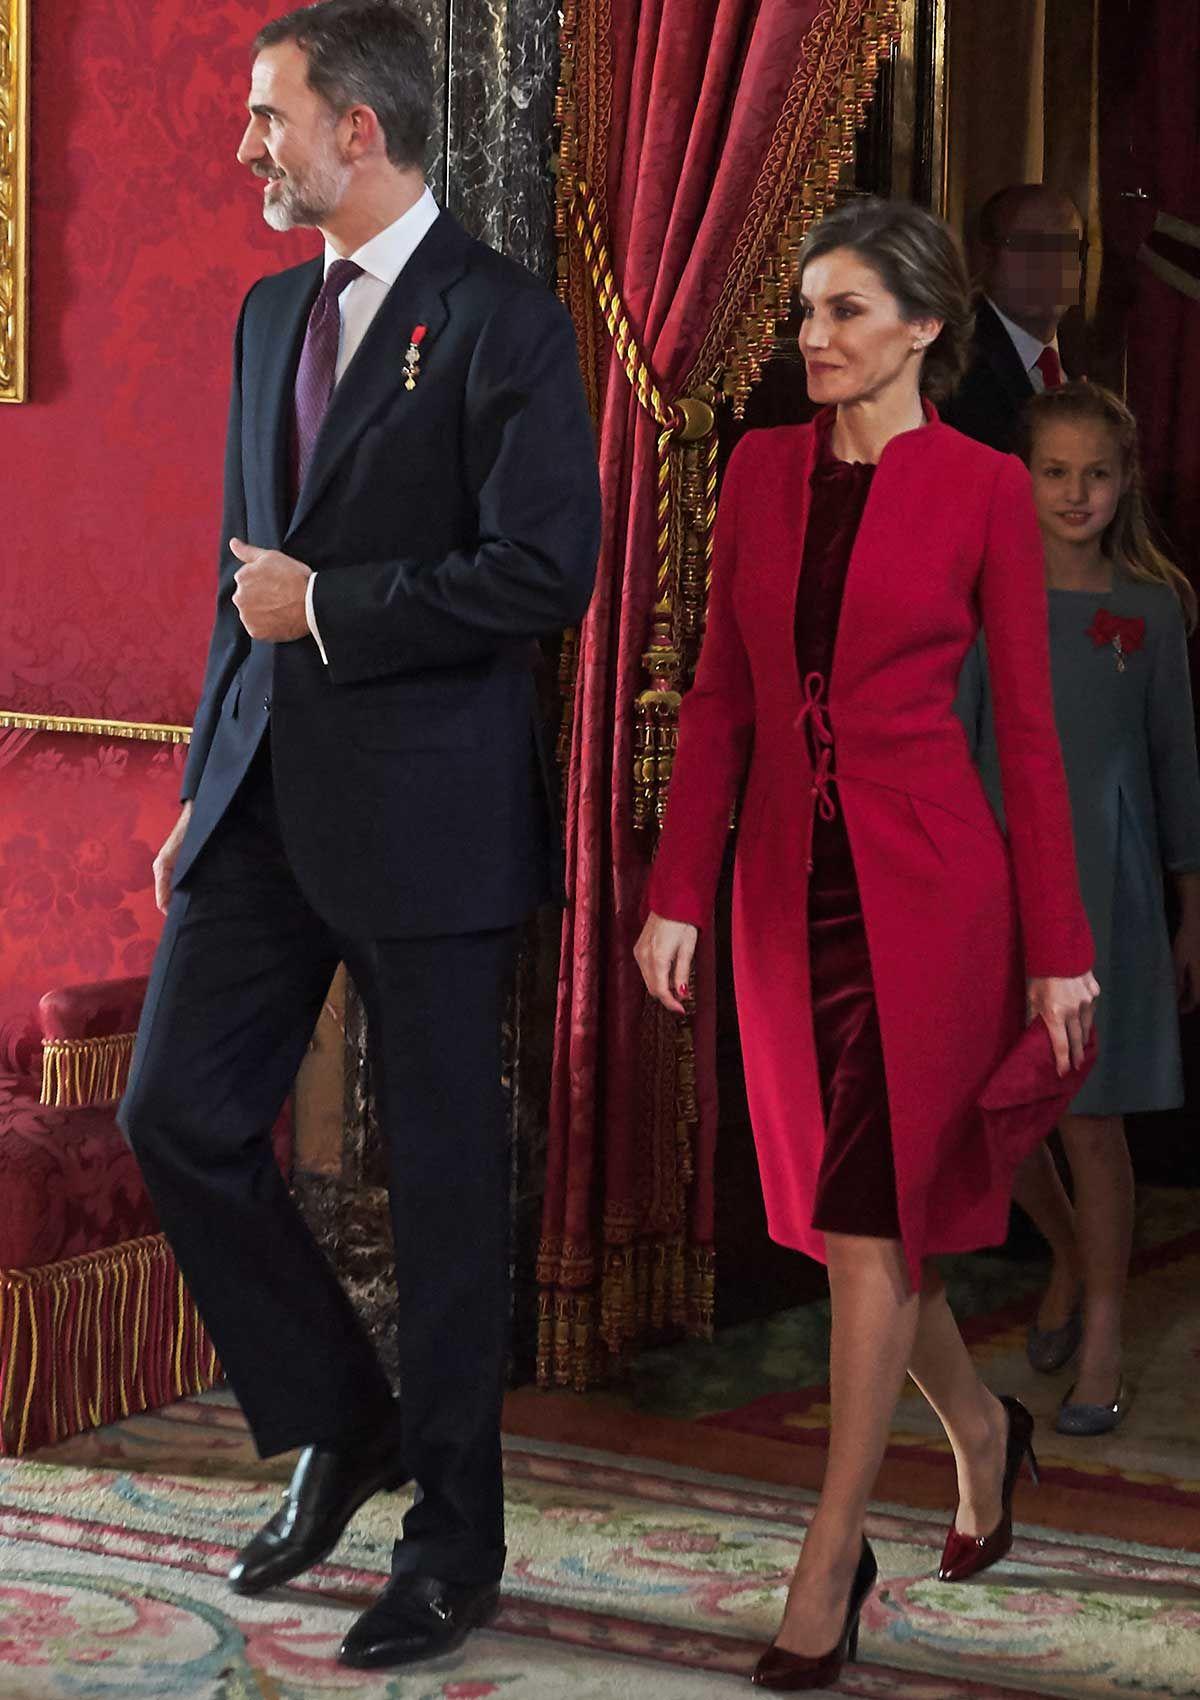 A lo largo de 2018, la reina Letizia ha optado por looks en los que el rojo ha sido el gran protagonista.Te demostramos por qué el 'red' es el favorito de la mujer de Felipe VI.